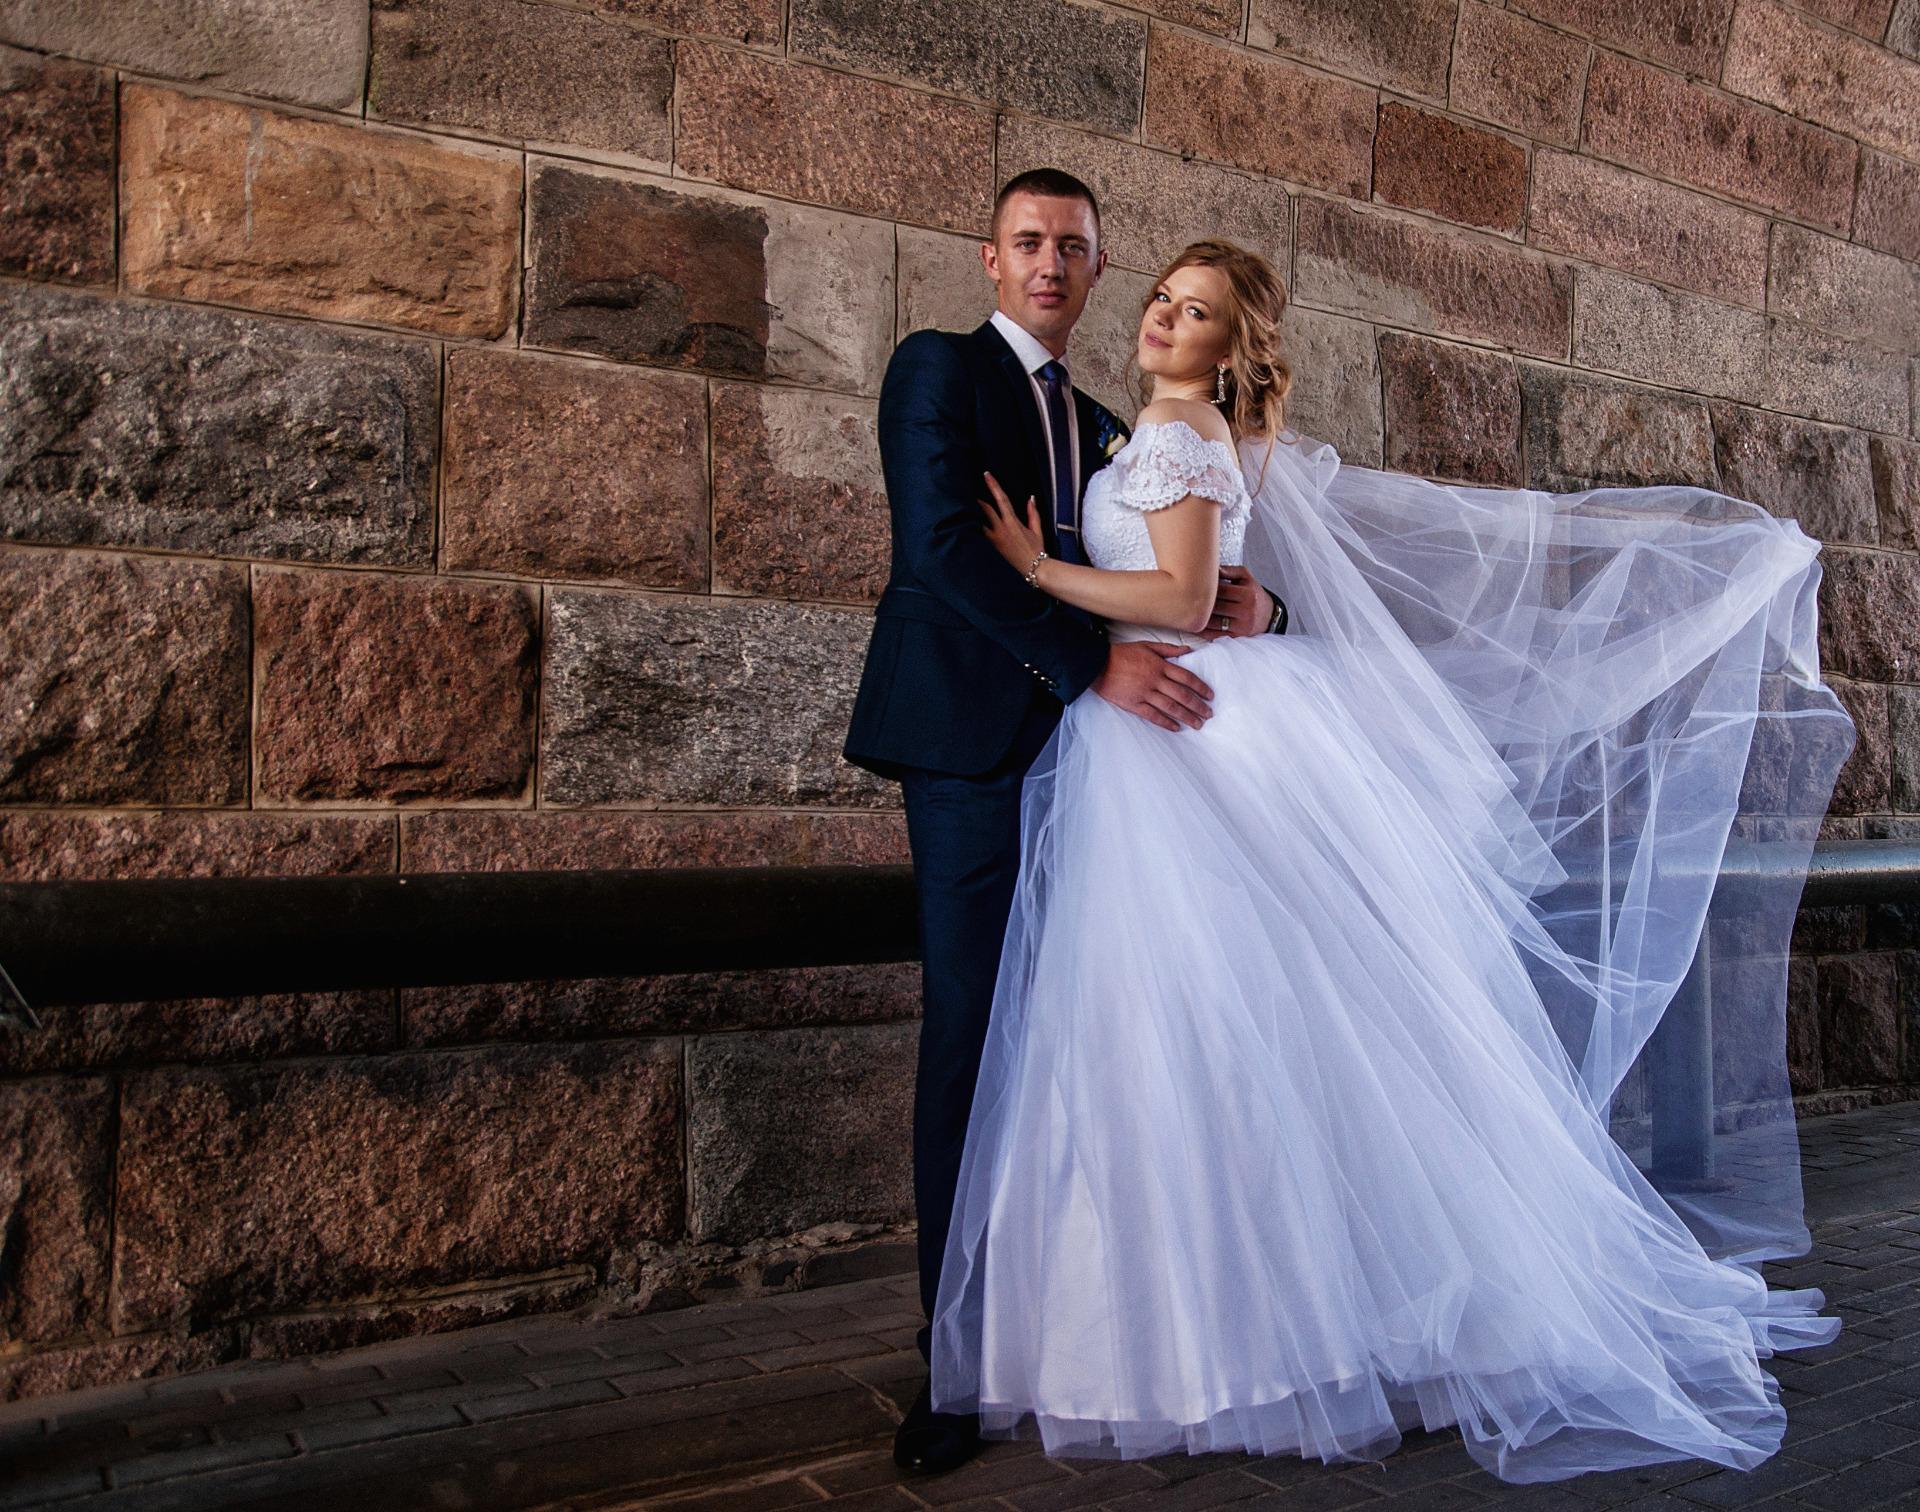 больше больше свадебные фото в гродно в-третьих, случае